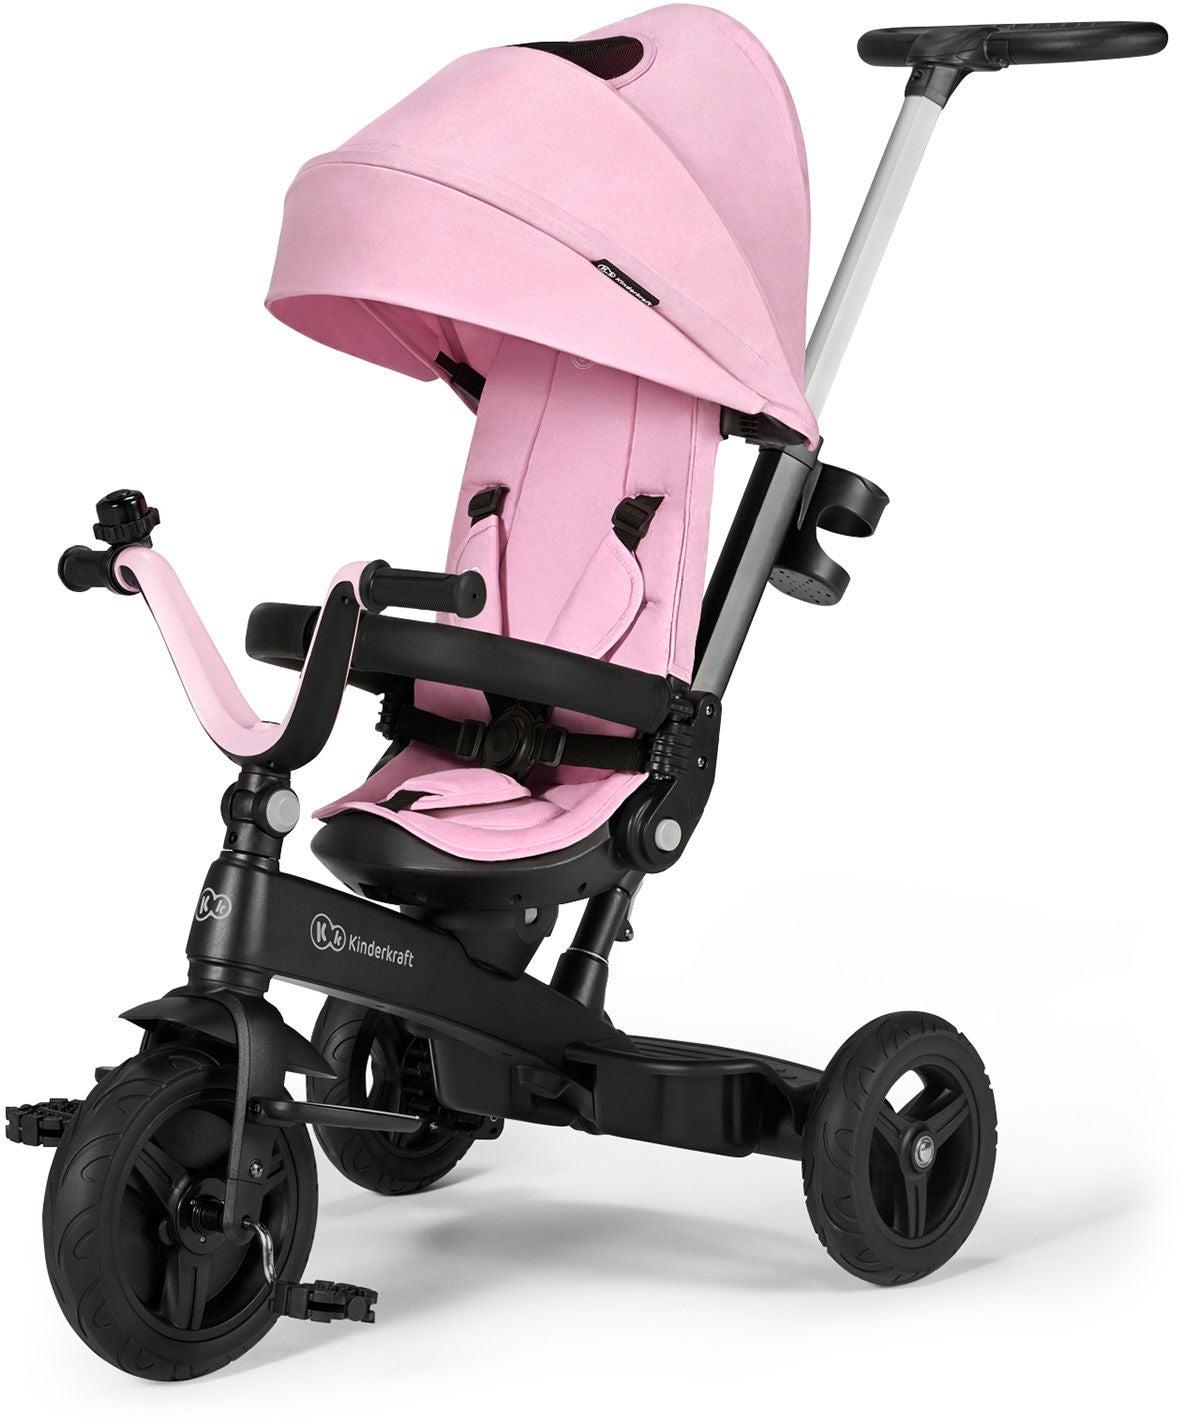 Kinderkraft Twipper Trehjuling, Rosa